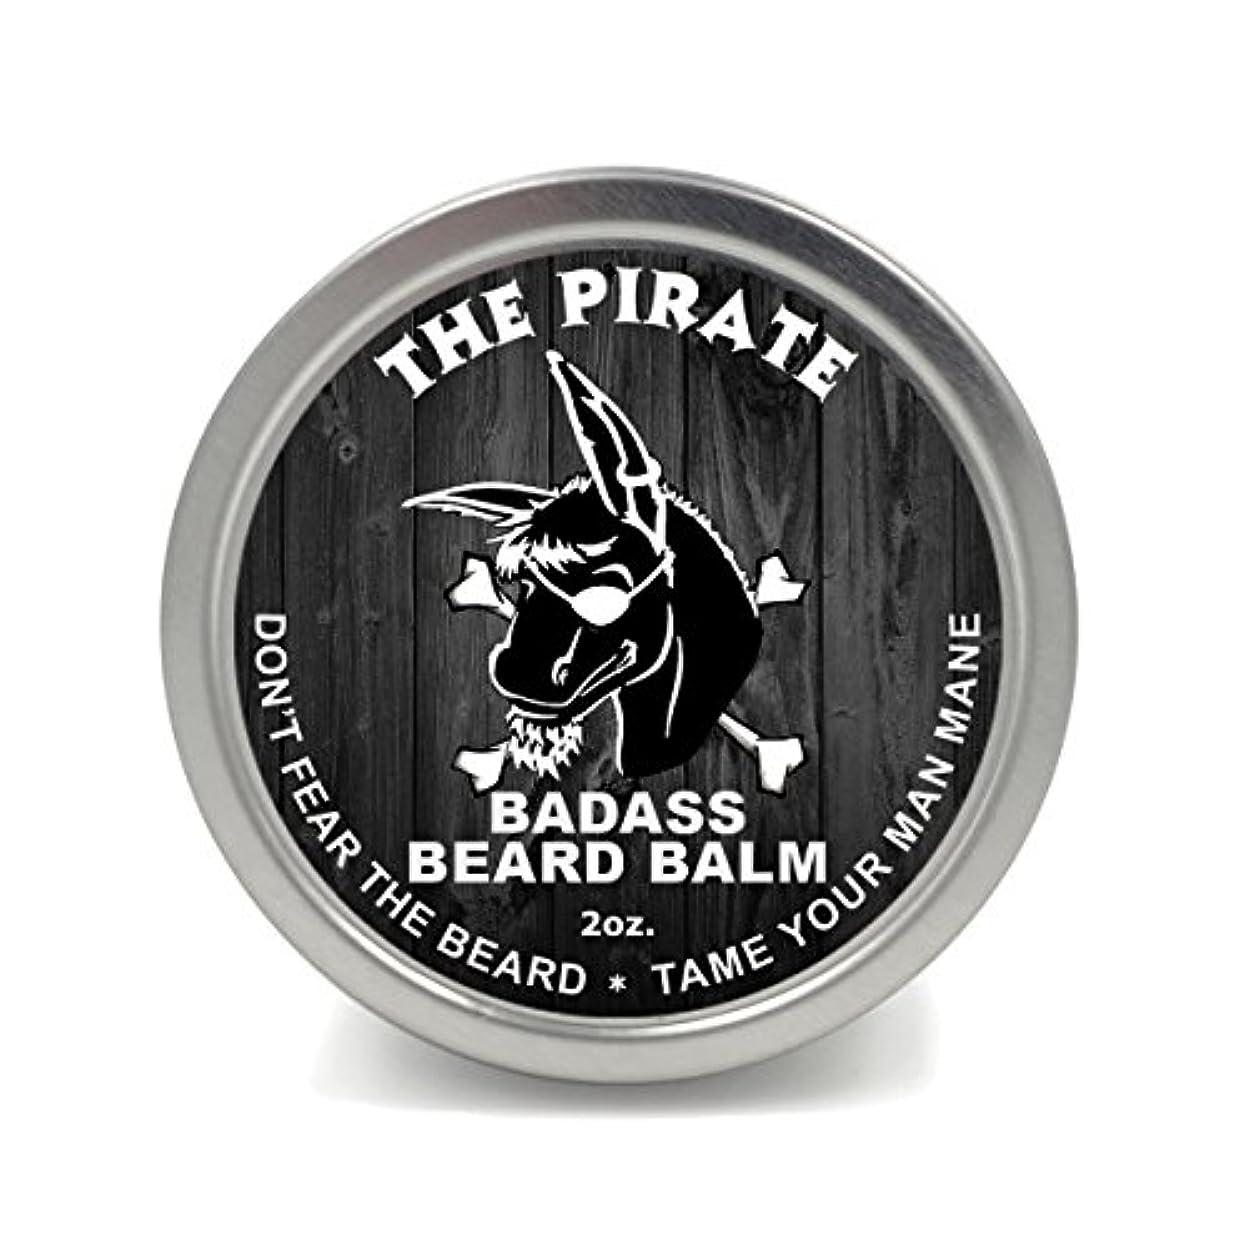 ロードハウスバウンド防衛Badass Beard Careビアードバーム2オンスThe Pirate